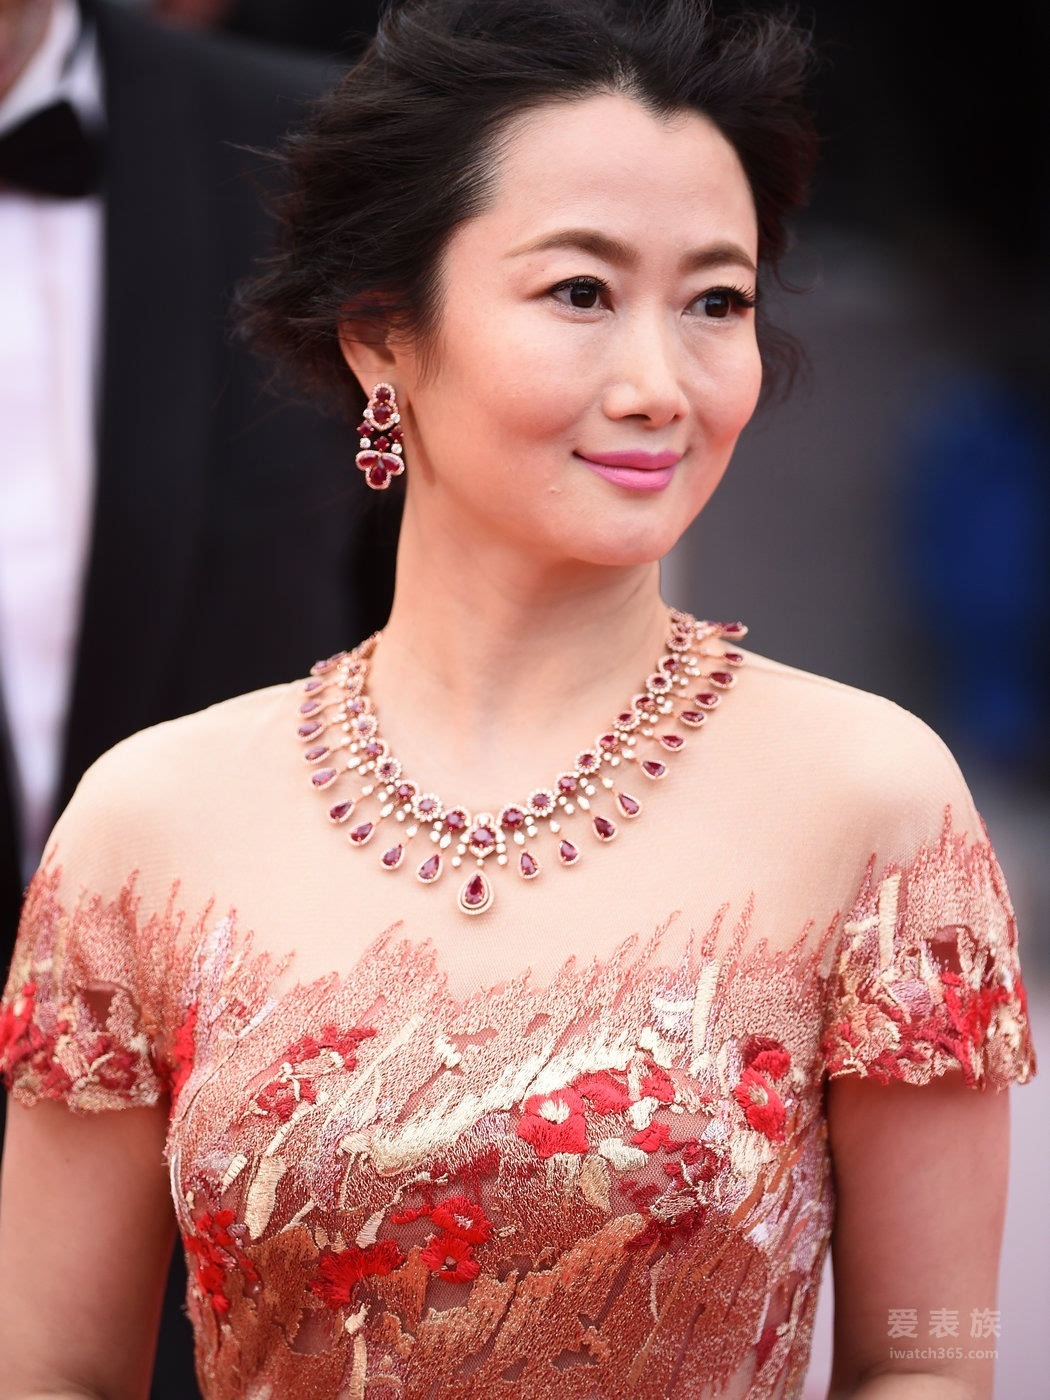 中国女演员赵涛,佩戴Chopard萧邦Red Carpet系列的群星闪耀戛纳红毯 高级珠宝璀璨夺目